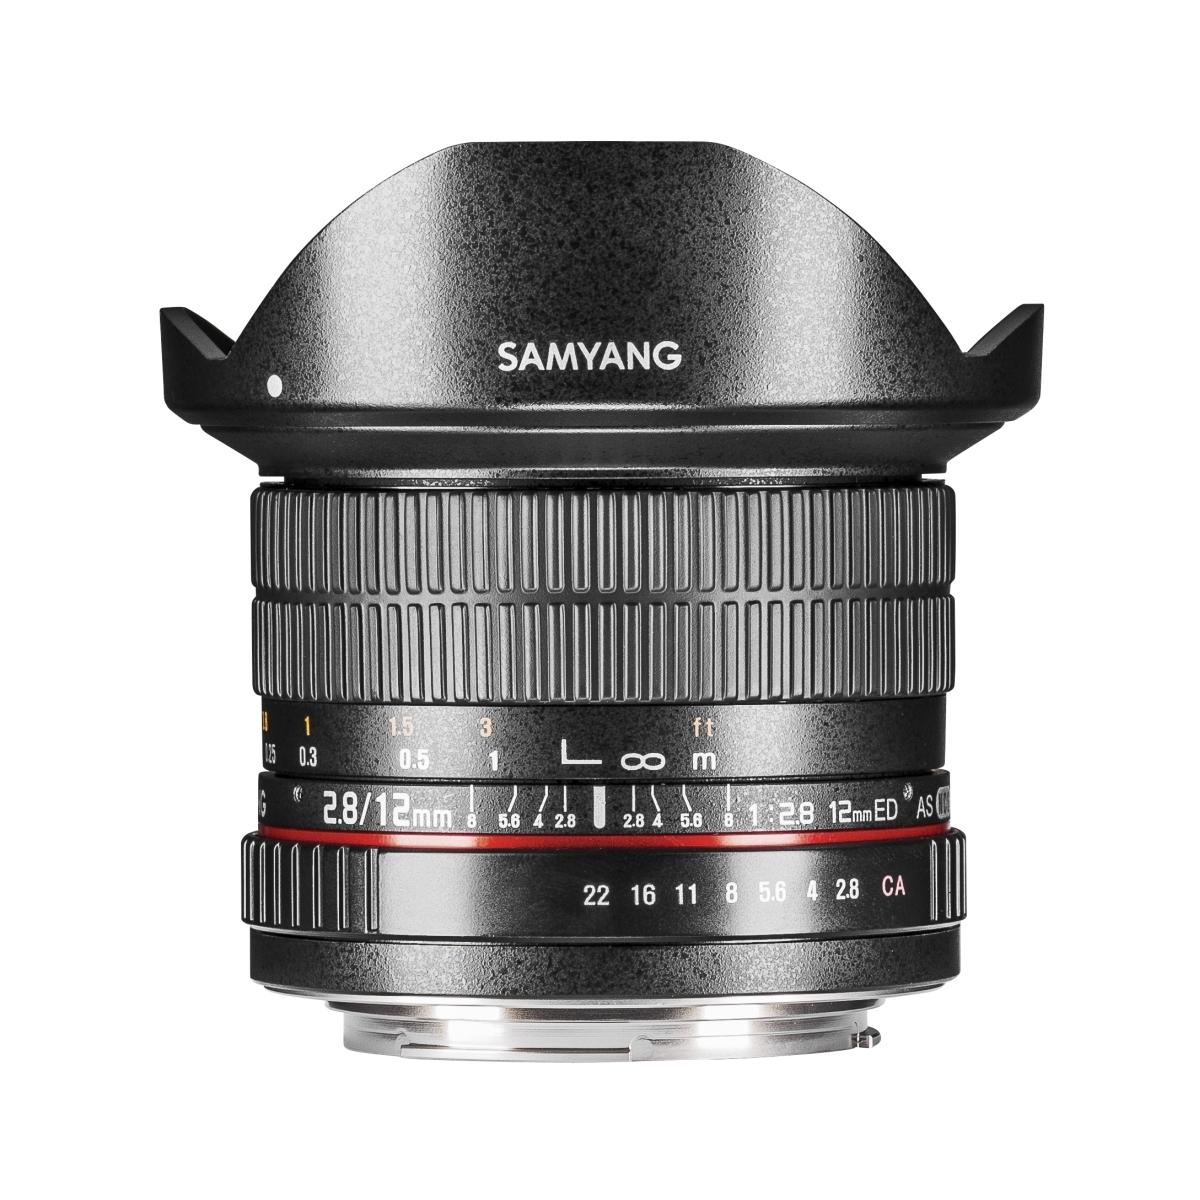 Samyang MF 12 mm 1:2,8 Fisheye für Nikon F